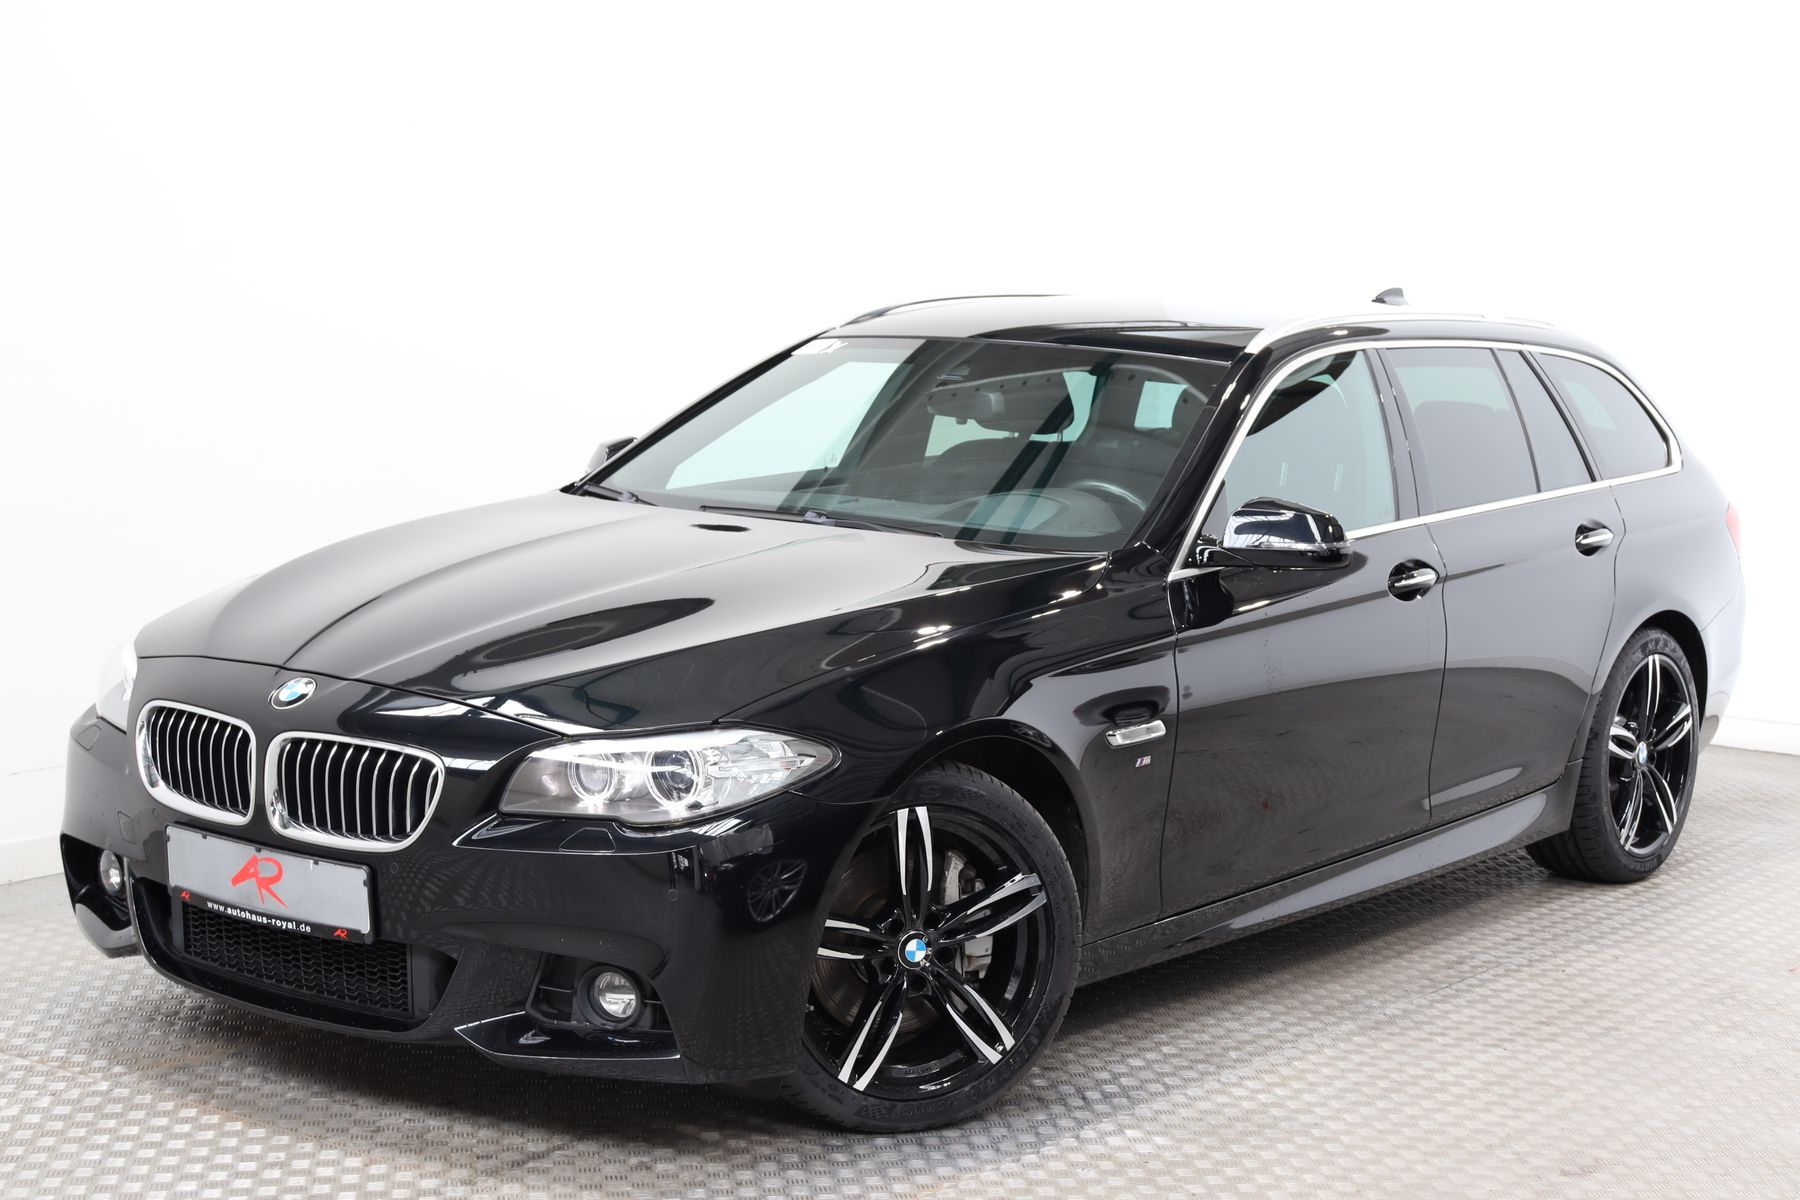 BMW 525 d xDrive T SAG M SPORT SCHECKHEFT,HUD,19ZOLL, Jahr 2015, Diesel